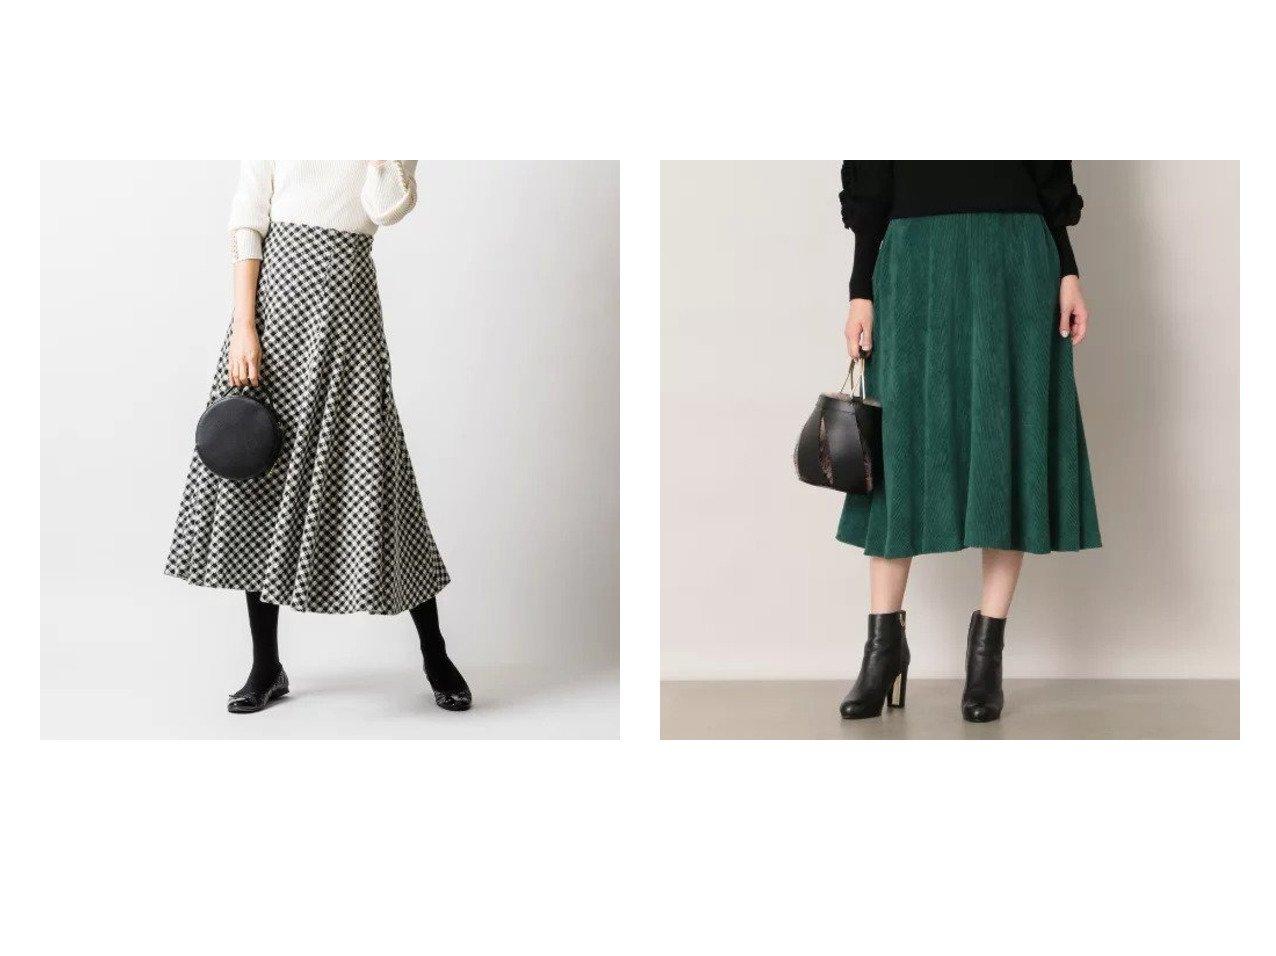 【EPOCA THE SHOP/エポカ ザ ショップ】の【EPOCA THE SHOP】コーデュロイフレアスカート&【VIRINA/ヴィリーナ】のウィローフレアスカート(千鳥小) スカートのおすすめ!人気、レディースファッションの通販  おすすめで人気のファッション通販商品 インテリア・家具・キッズファッション・メンズファッション・レディースファッション・服の通販 founy(ファニー) https://founy.com/ ファッション Fashion レディース WOMEN スカート Skirt Aライン/フレアスカート Flared A-Line Skirts アンゴラ シンプル ストレッチ タンブラー フレア マキシ ロング 楽ちん 冬 Winter コーデュロイ ジップ ドレープ A/W 秋冬 Autumn &  Winter |ID:crp329100000004075